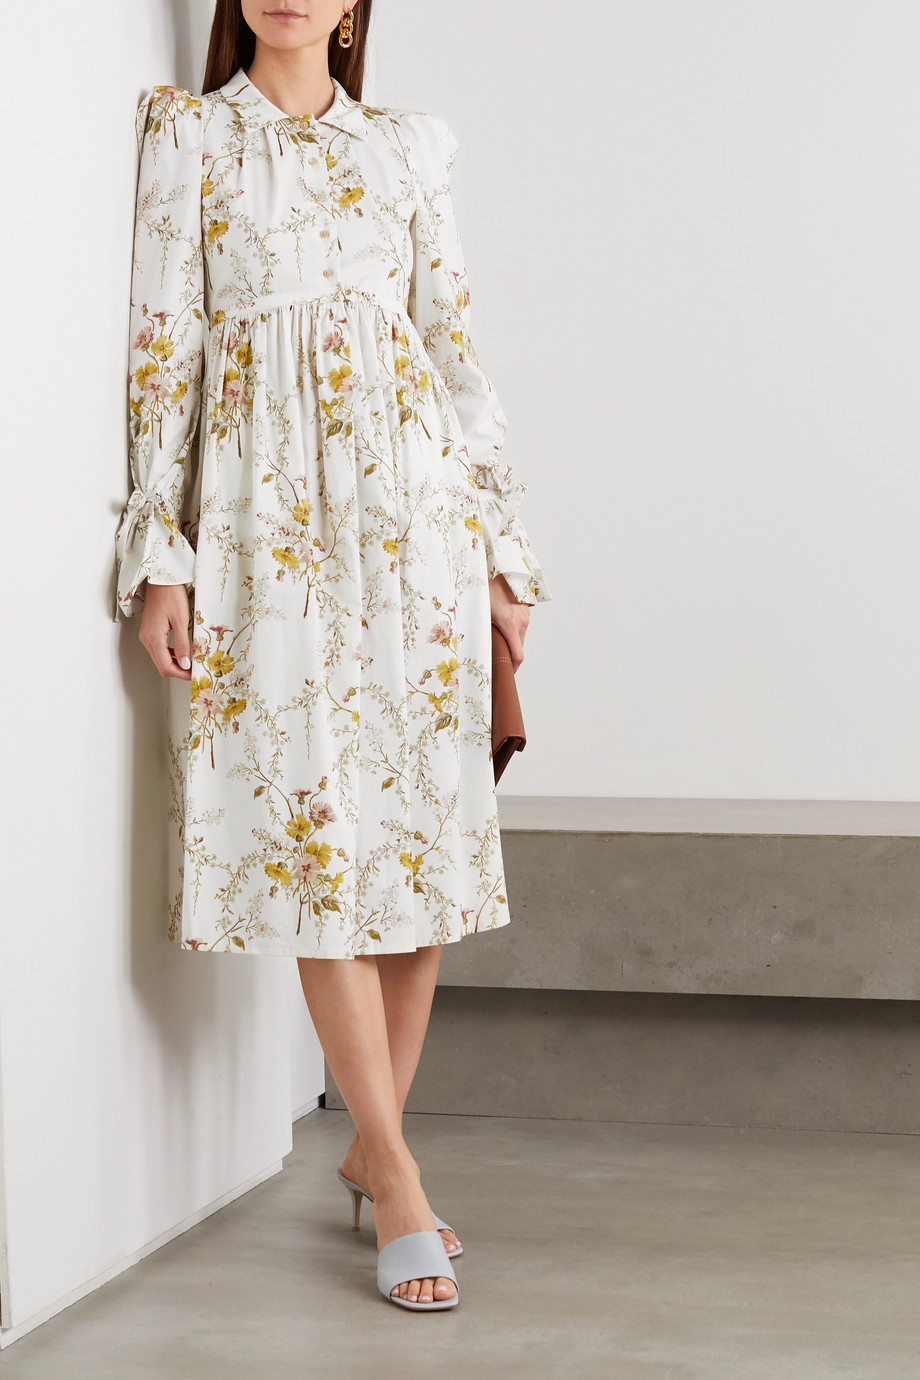 Brock Collection Kleid aus einer Baumwollmischung mit Blumenprint